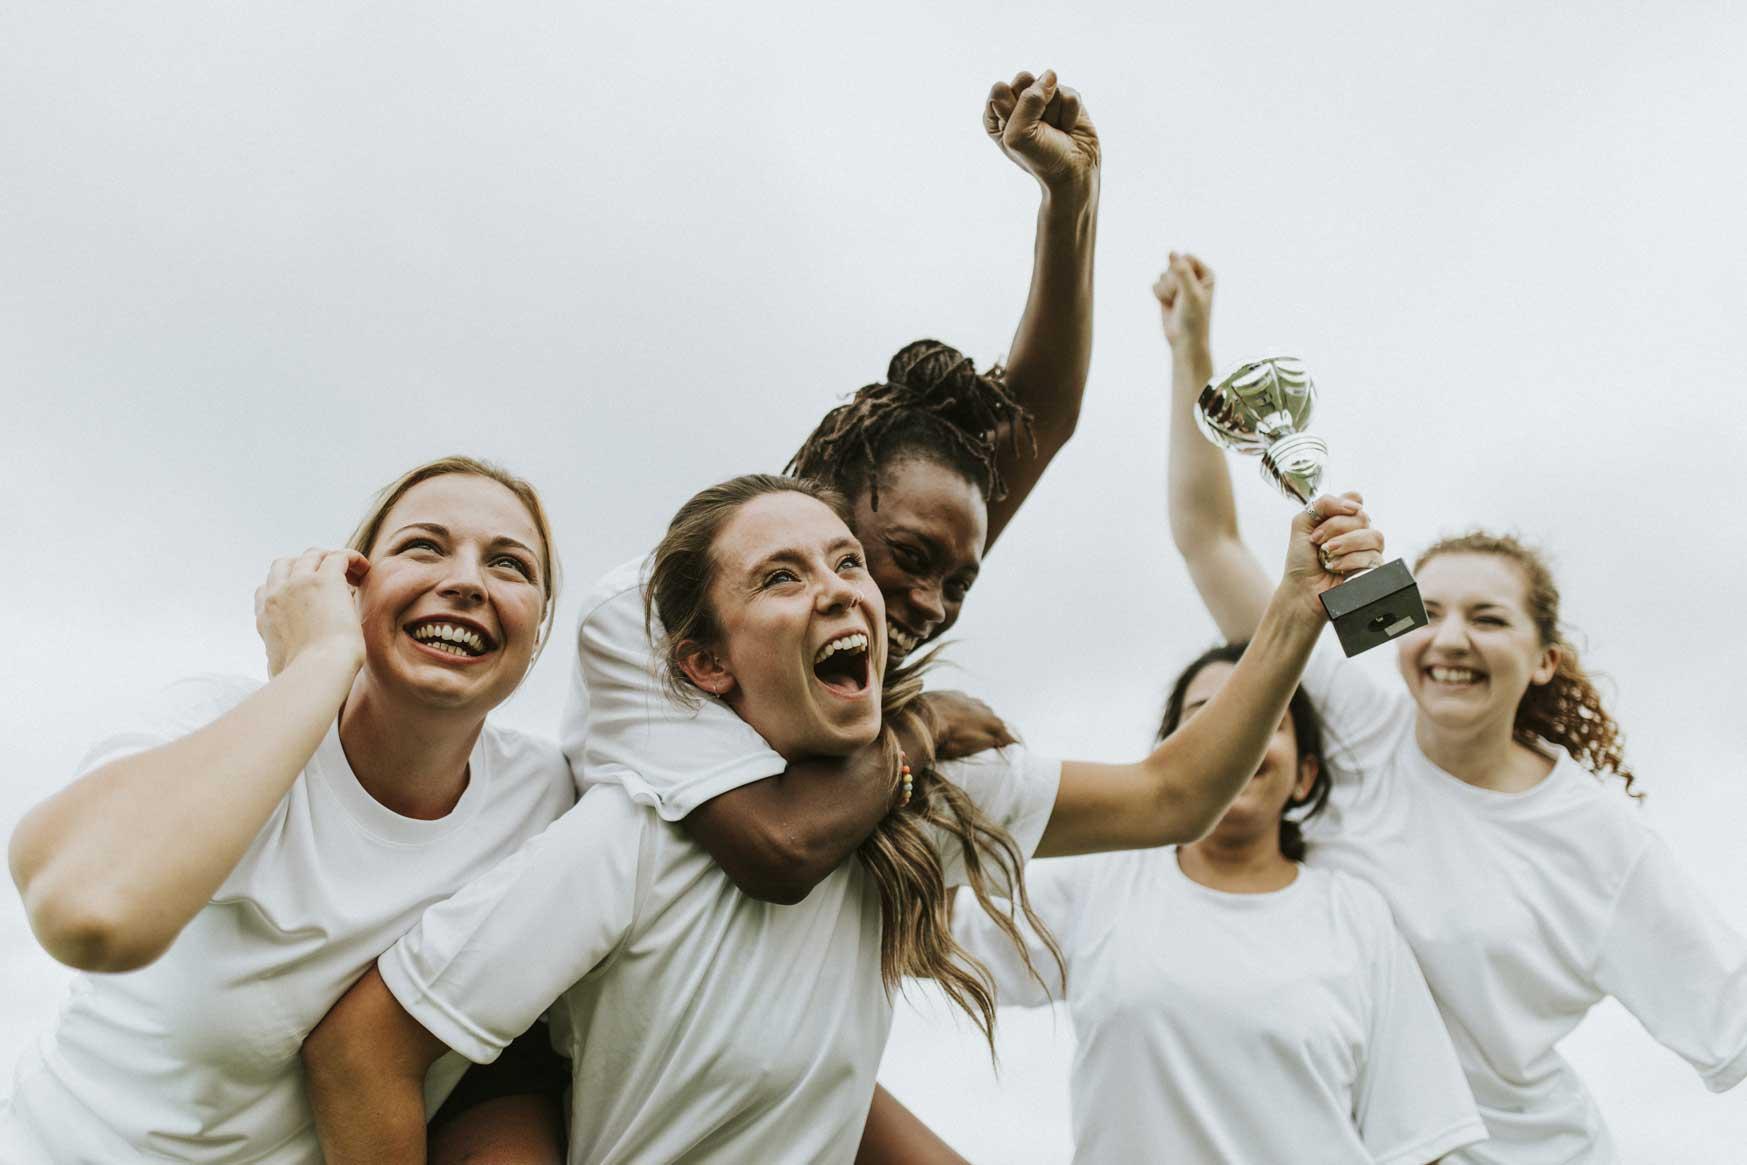 Vier junge Frauen feiern ihren Sieg, eine von ihnen hält einen Pokal in der Hand.